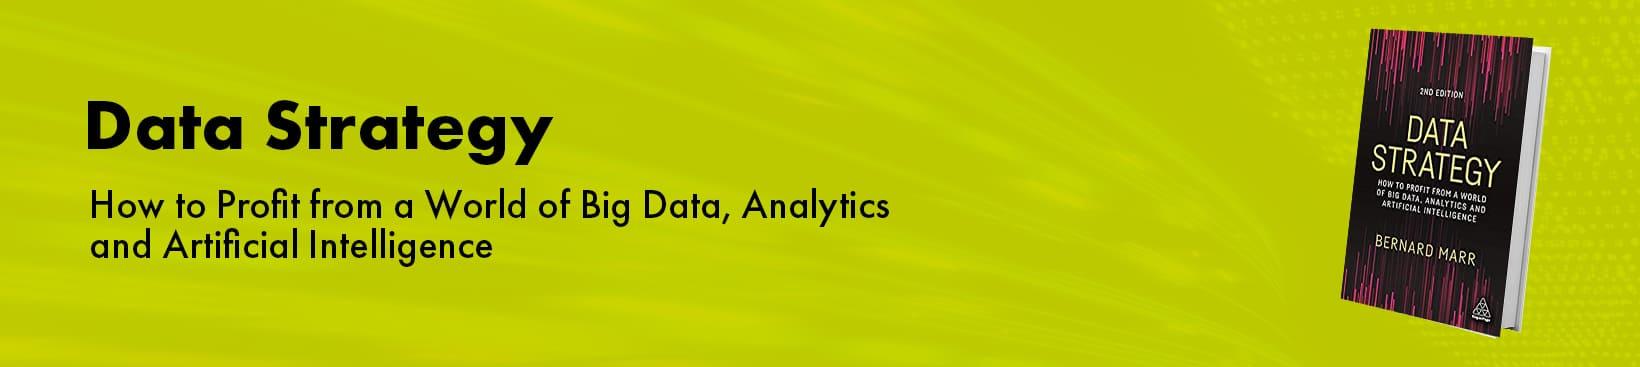 Data Strategy Book | Bernard Marr